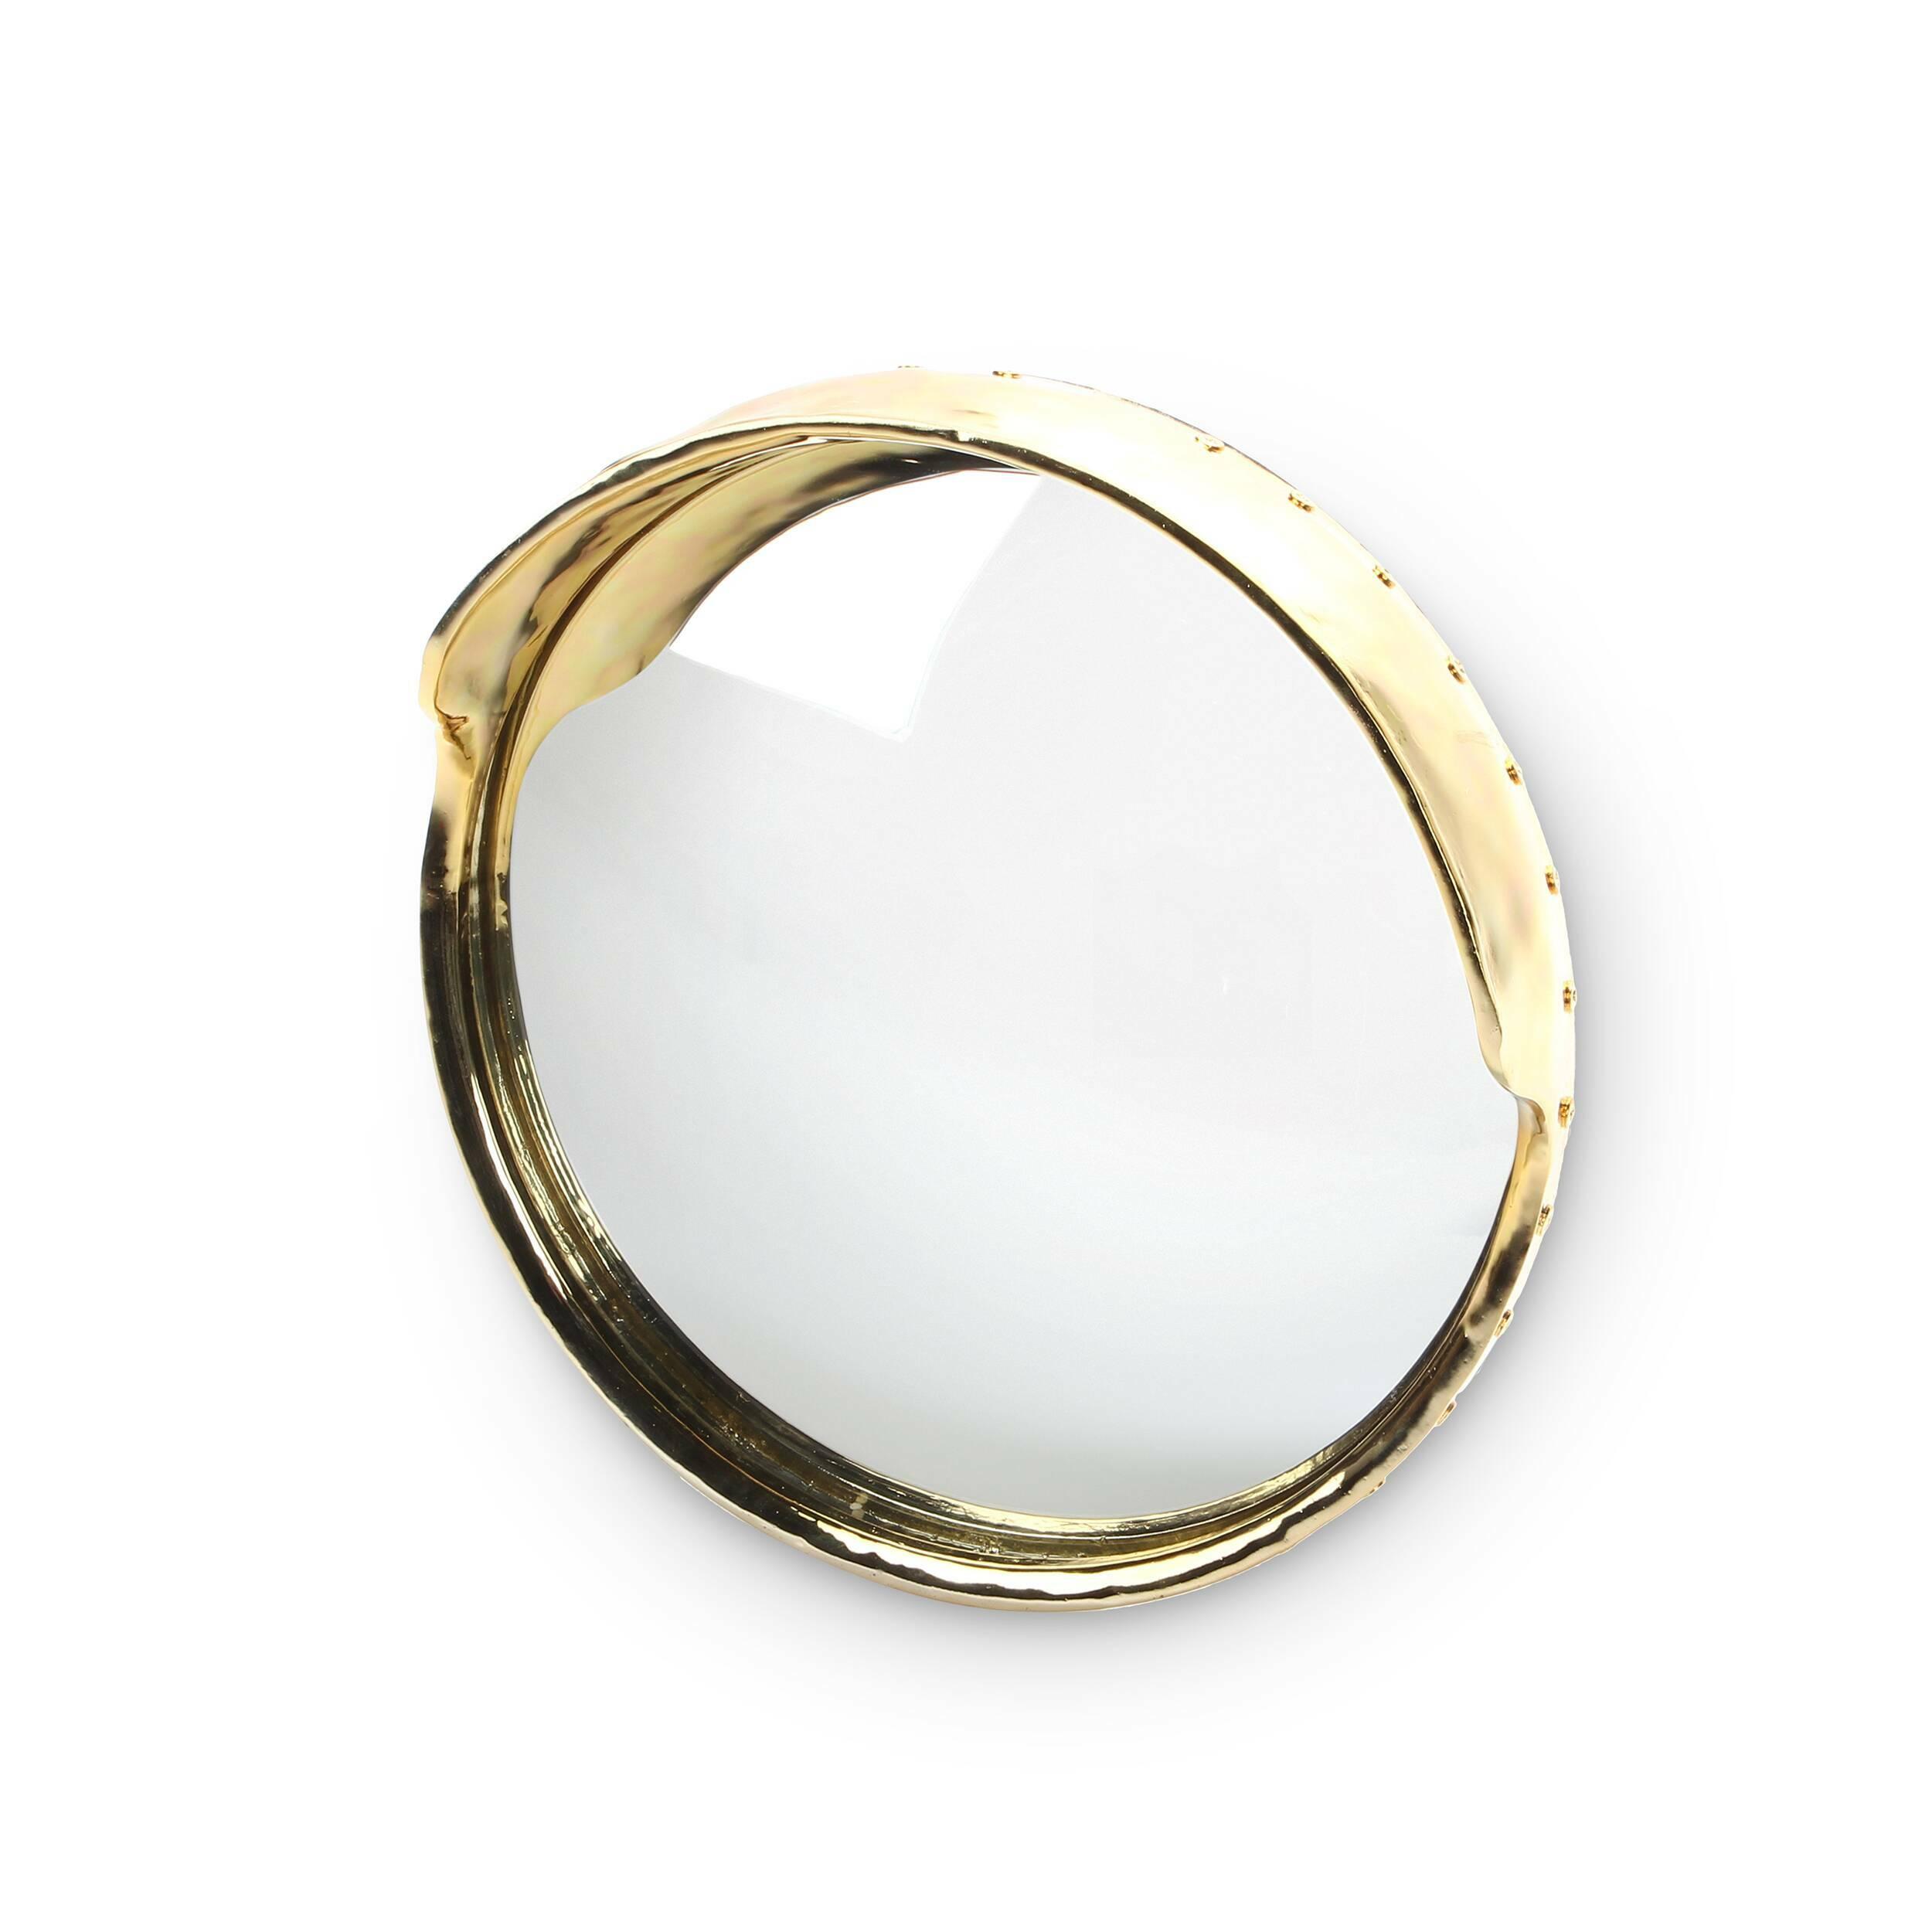 Зеркало FocalizeНастенные<br>Коллекция декора от бюро Selab и дизайнера Алессандро Дзамбелли для компании Seletti — это своего рода крик дизайнеров о том, что взгляд на привычные вещи пора наконец менять. Один из элементов коллекции, зеркало Focalize, как раз и опровергает все стандарты изготовления зеркал. Его форма напоминает дверной глазок или зеркала в супермаркетах, но материал, из которого изготовлена рама, — крайне необычный выбор. Она изготовлена из фарфора с золотым покрытием. <br> <br> Из-за выпуклой формы зерка...<br><br>stock: 0<br>Материал: Стекло<br>Диаметр: 41